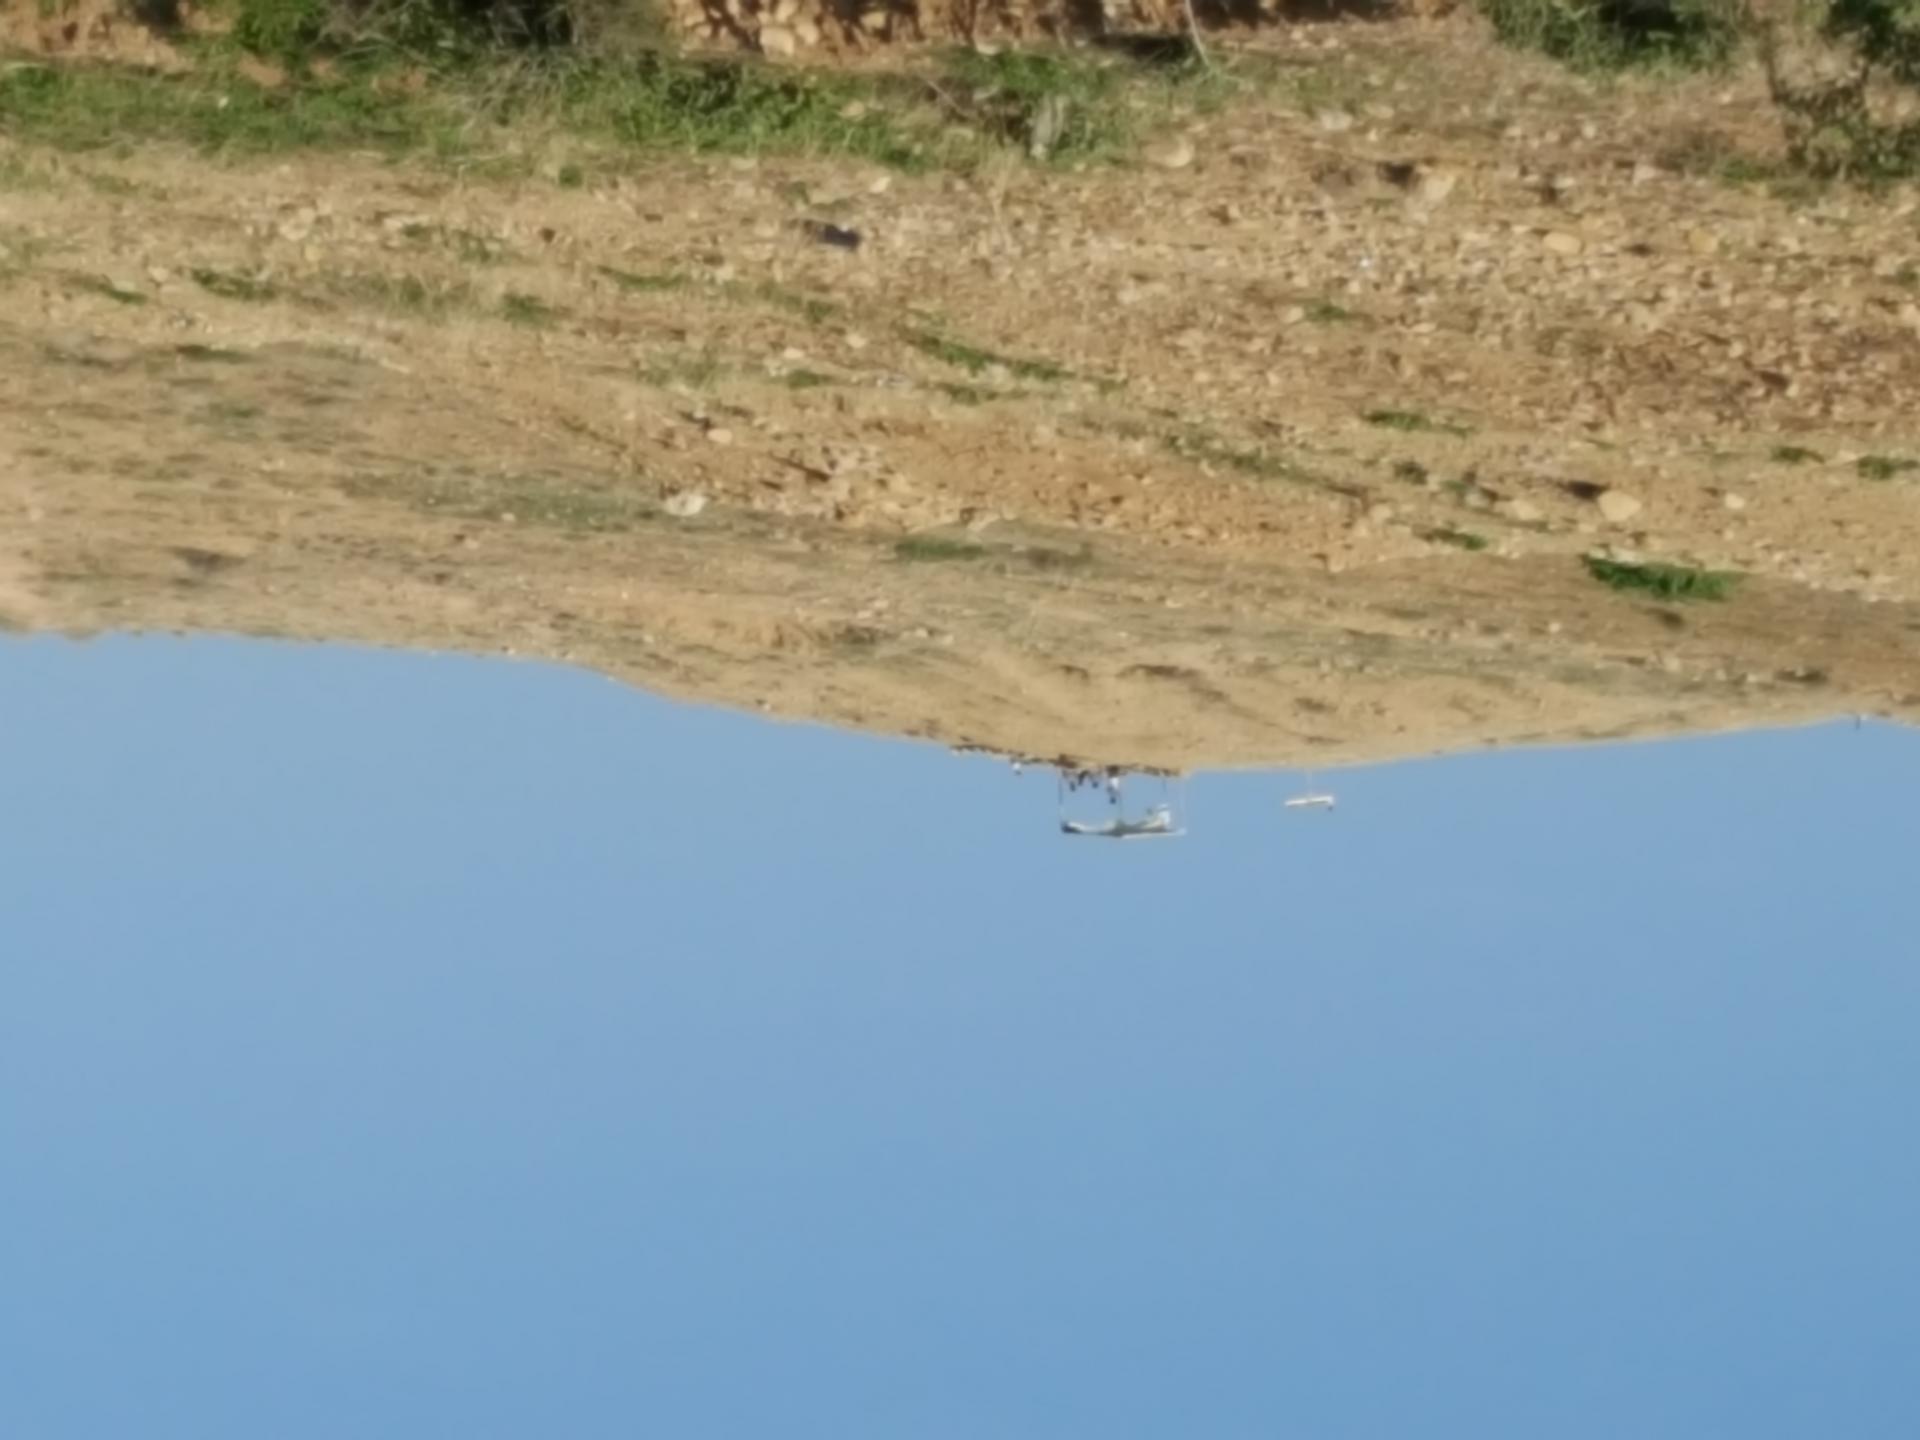 בקעת הירדן: מאחז חדש בפארסיה?